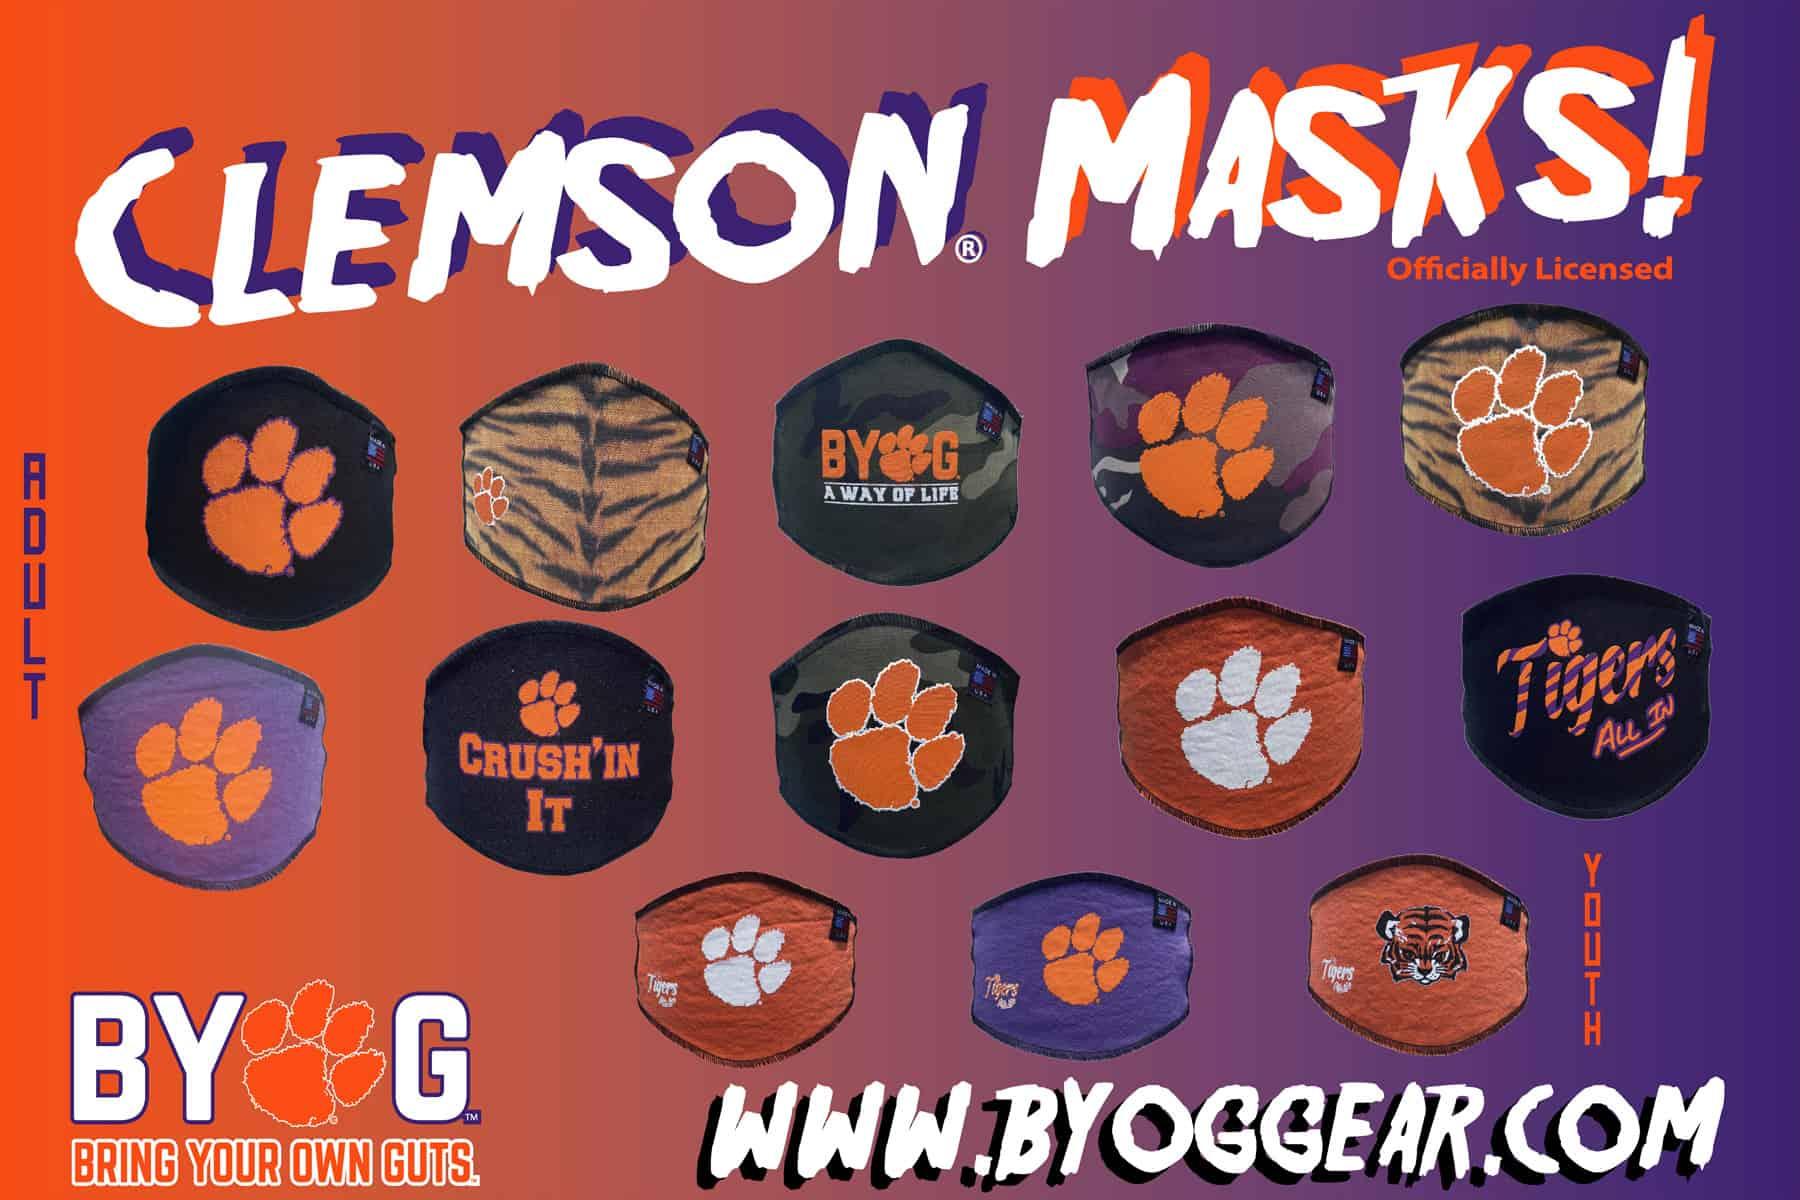 byog-mask